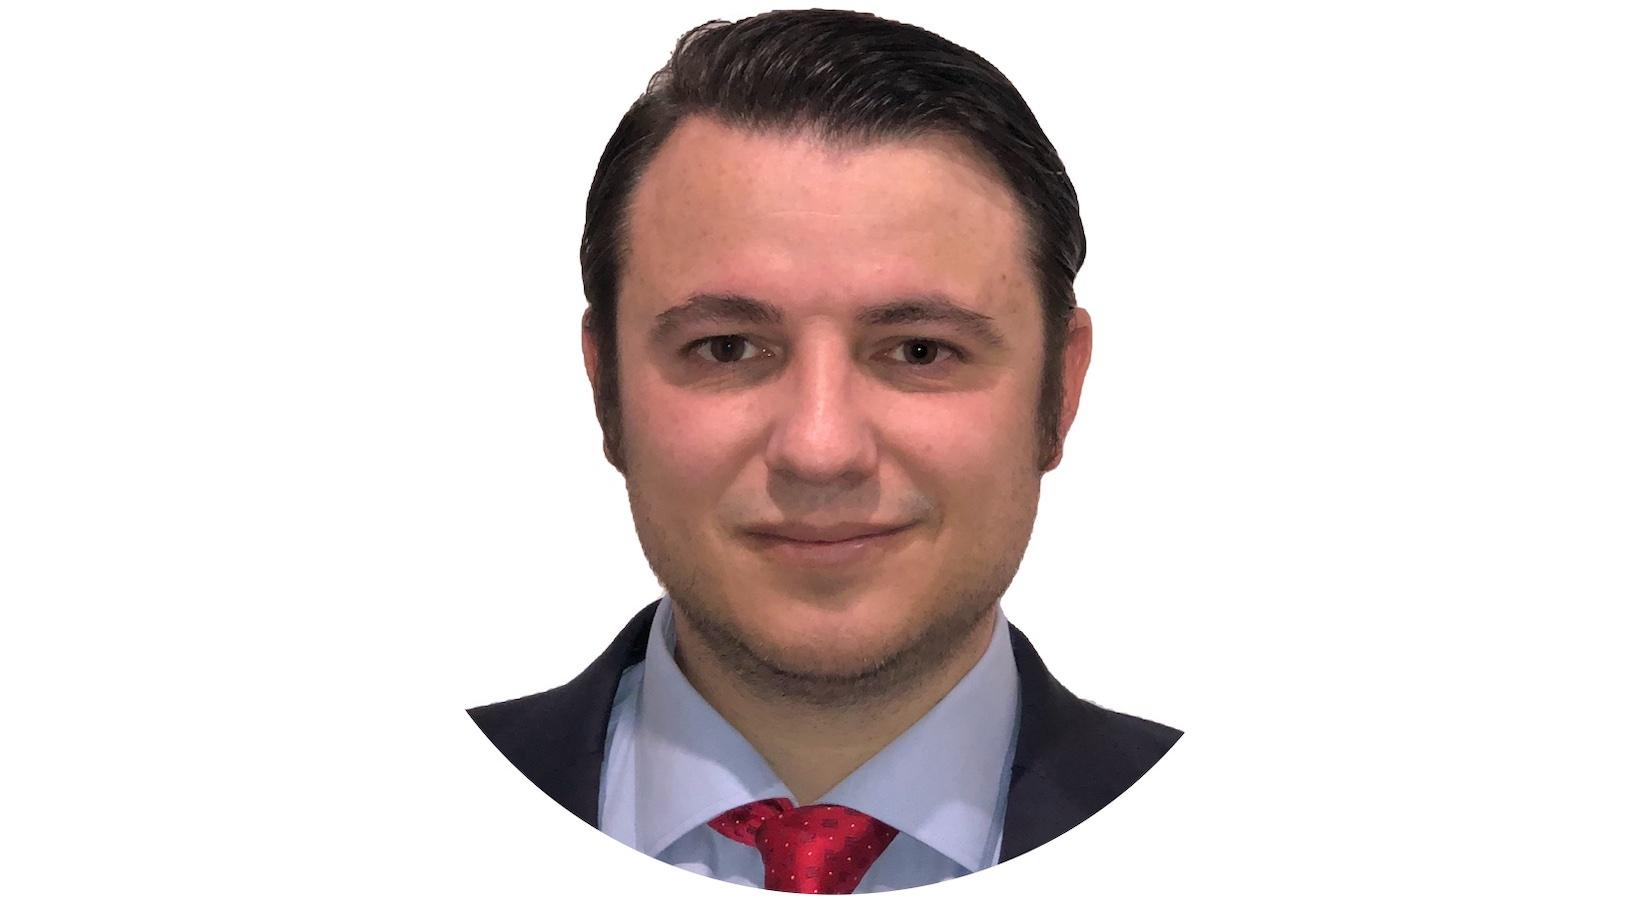 Dr. Mario Martínez-Galdámez is part of the ESMINT ExCom.